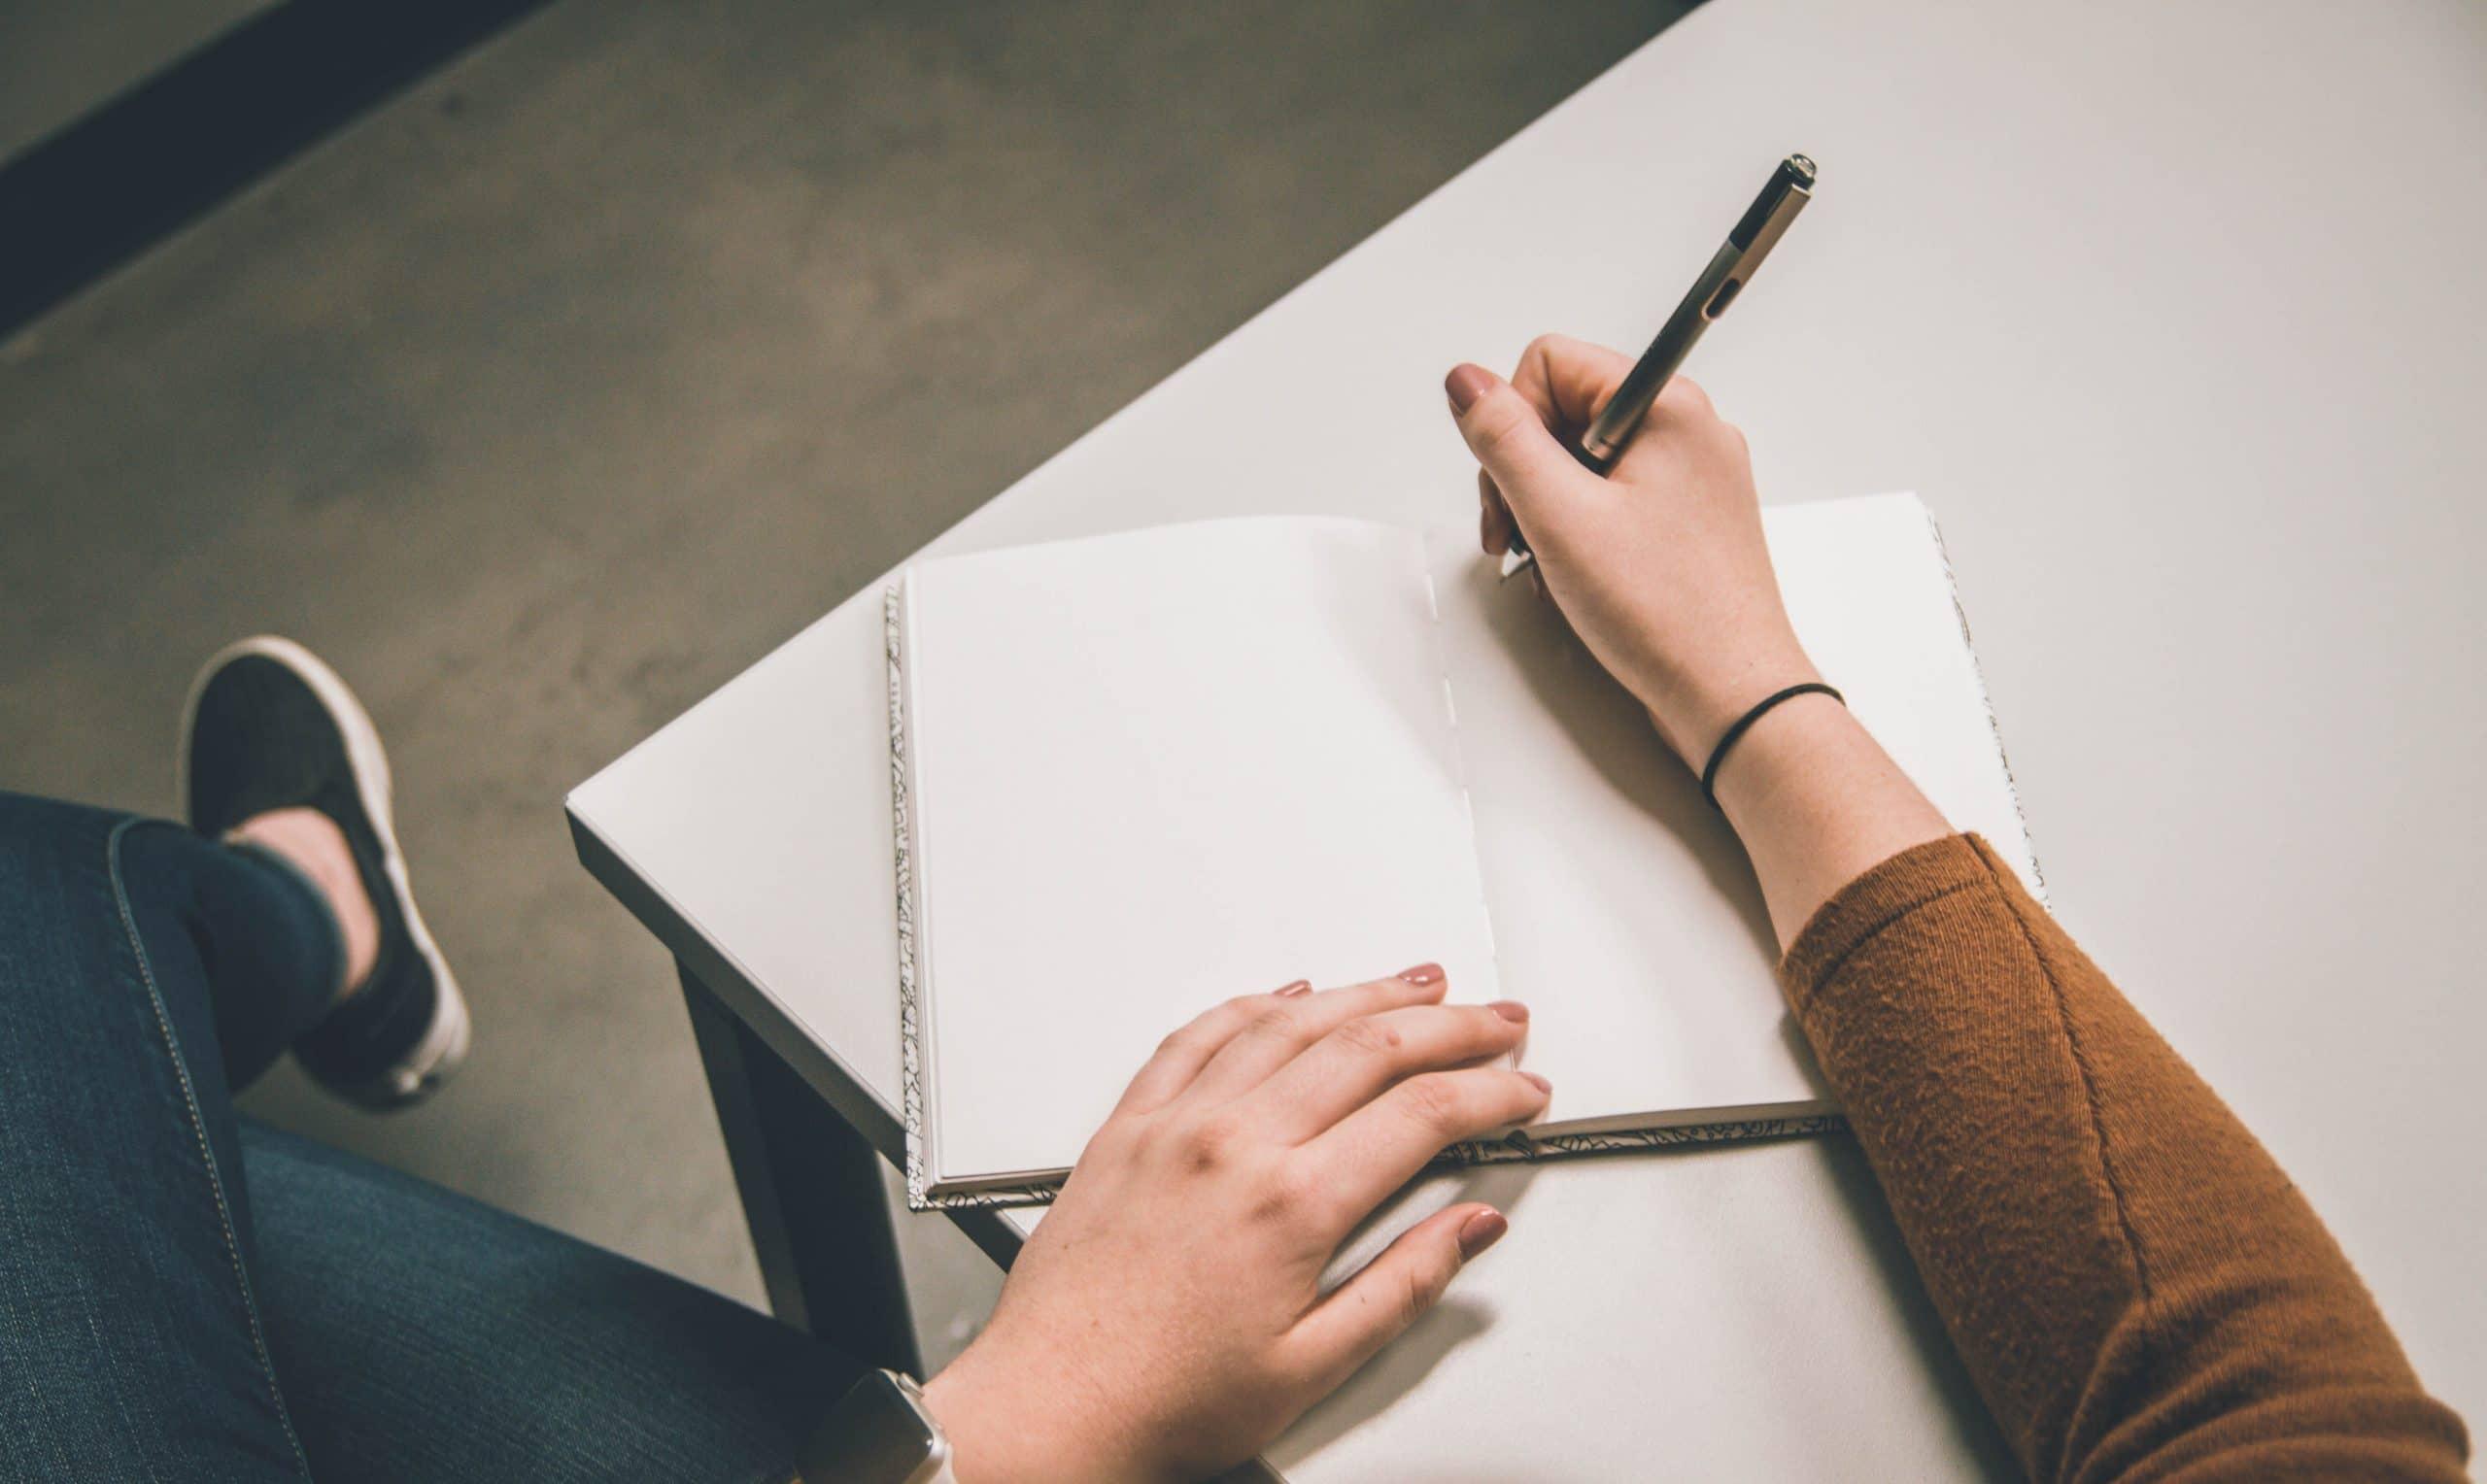 Mãos sobre caderno com caneta para escrever e pernas cruzadas na lateral